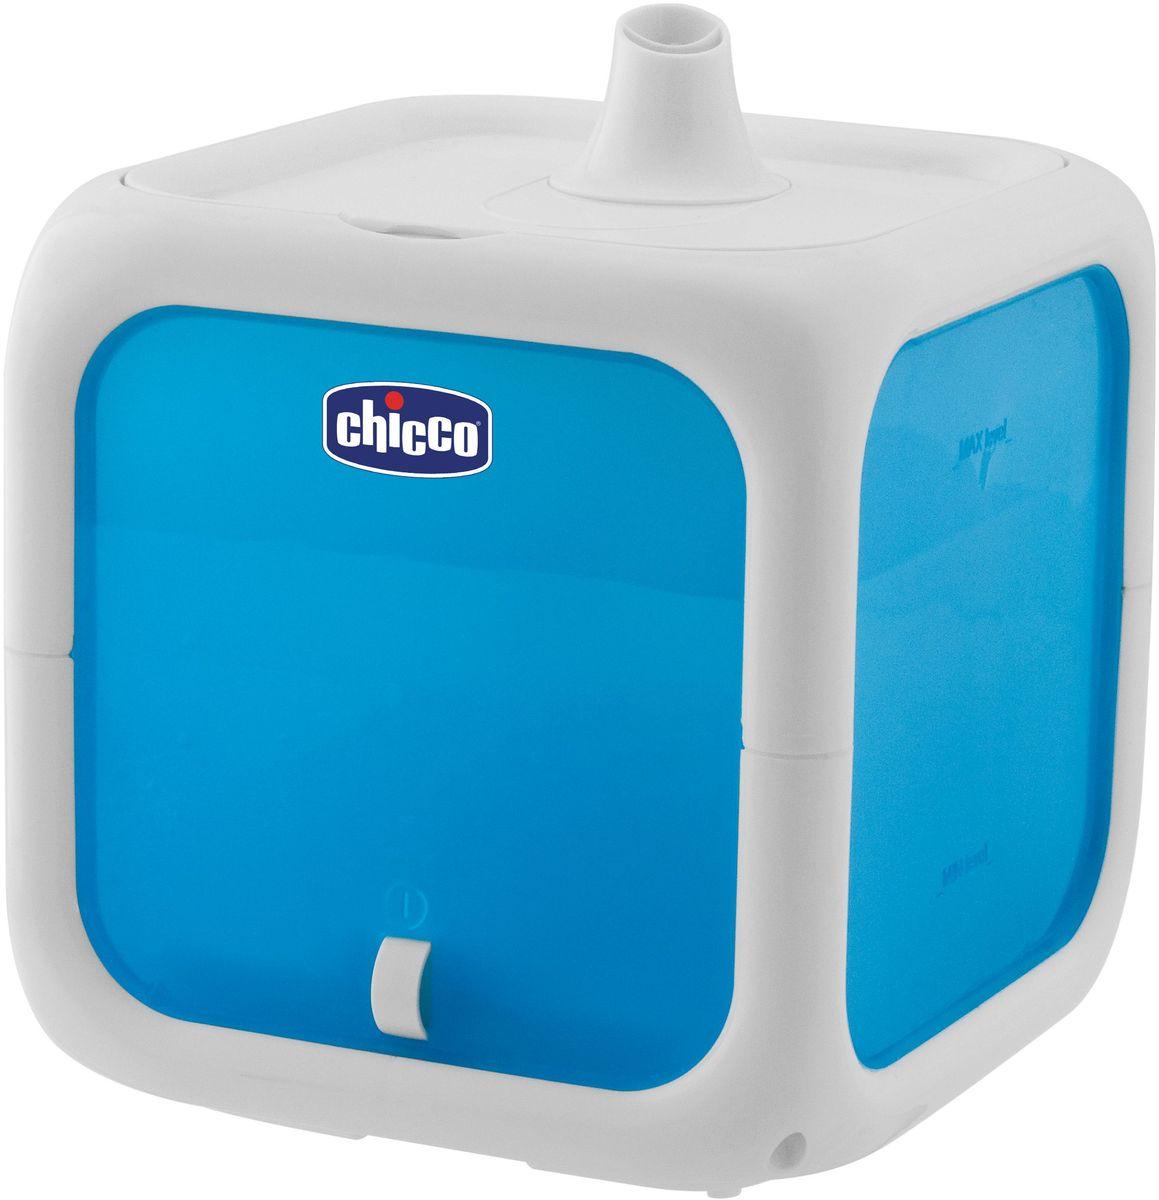 Chicco Увлажнитель воздуха Humi Relax320628075Паровой увлажнитель Chicco HUMI RELAX поможет поддержать здоровую атмосферу в детской комнате, создавая оптимальную влажность. Надежное крепление крышки обеспечит безопасность в использовании и не создаст угрозы для малышка. Прост в использовании!